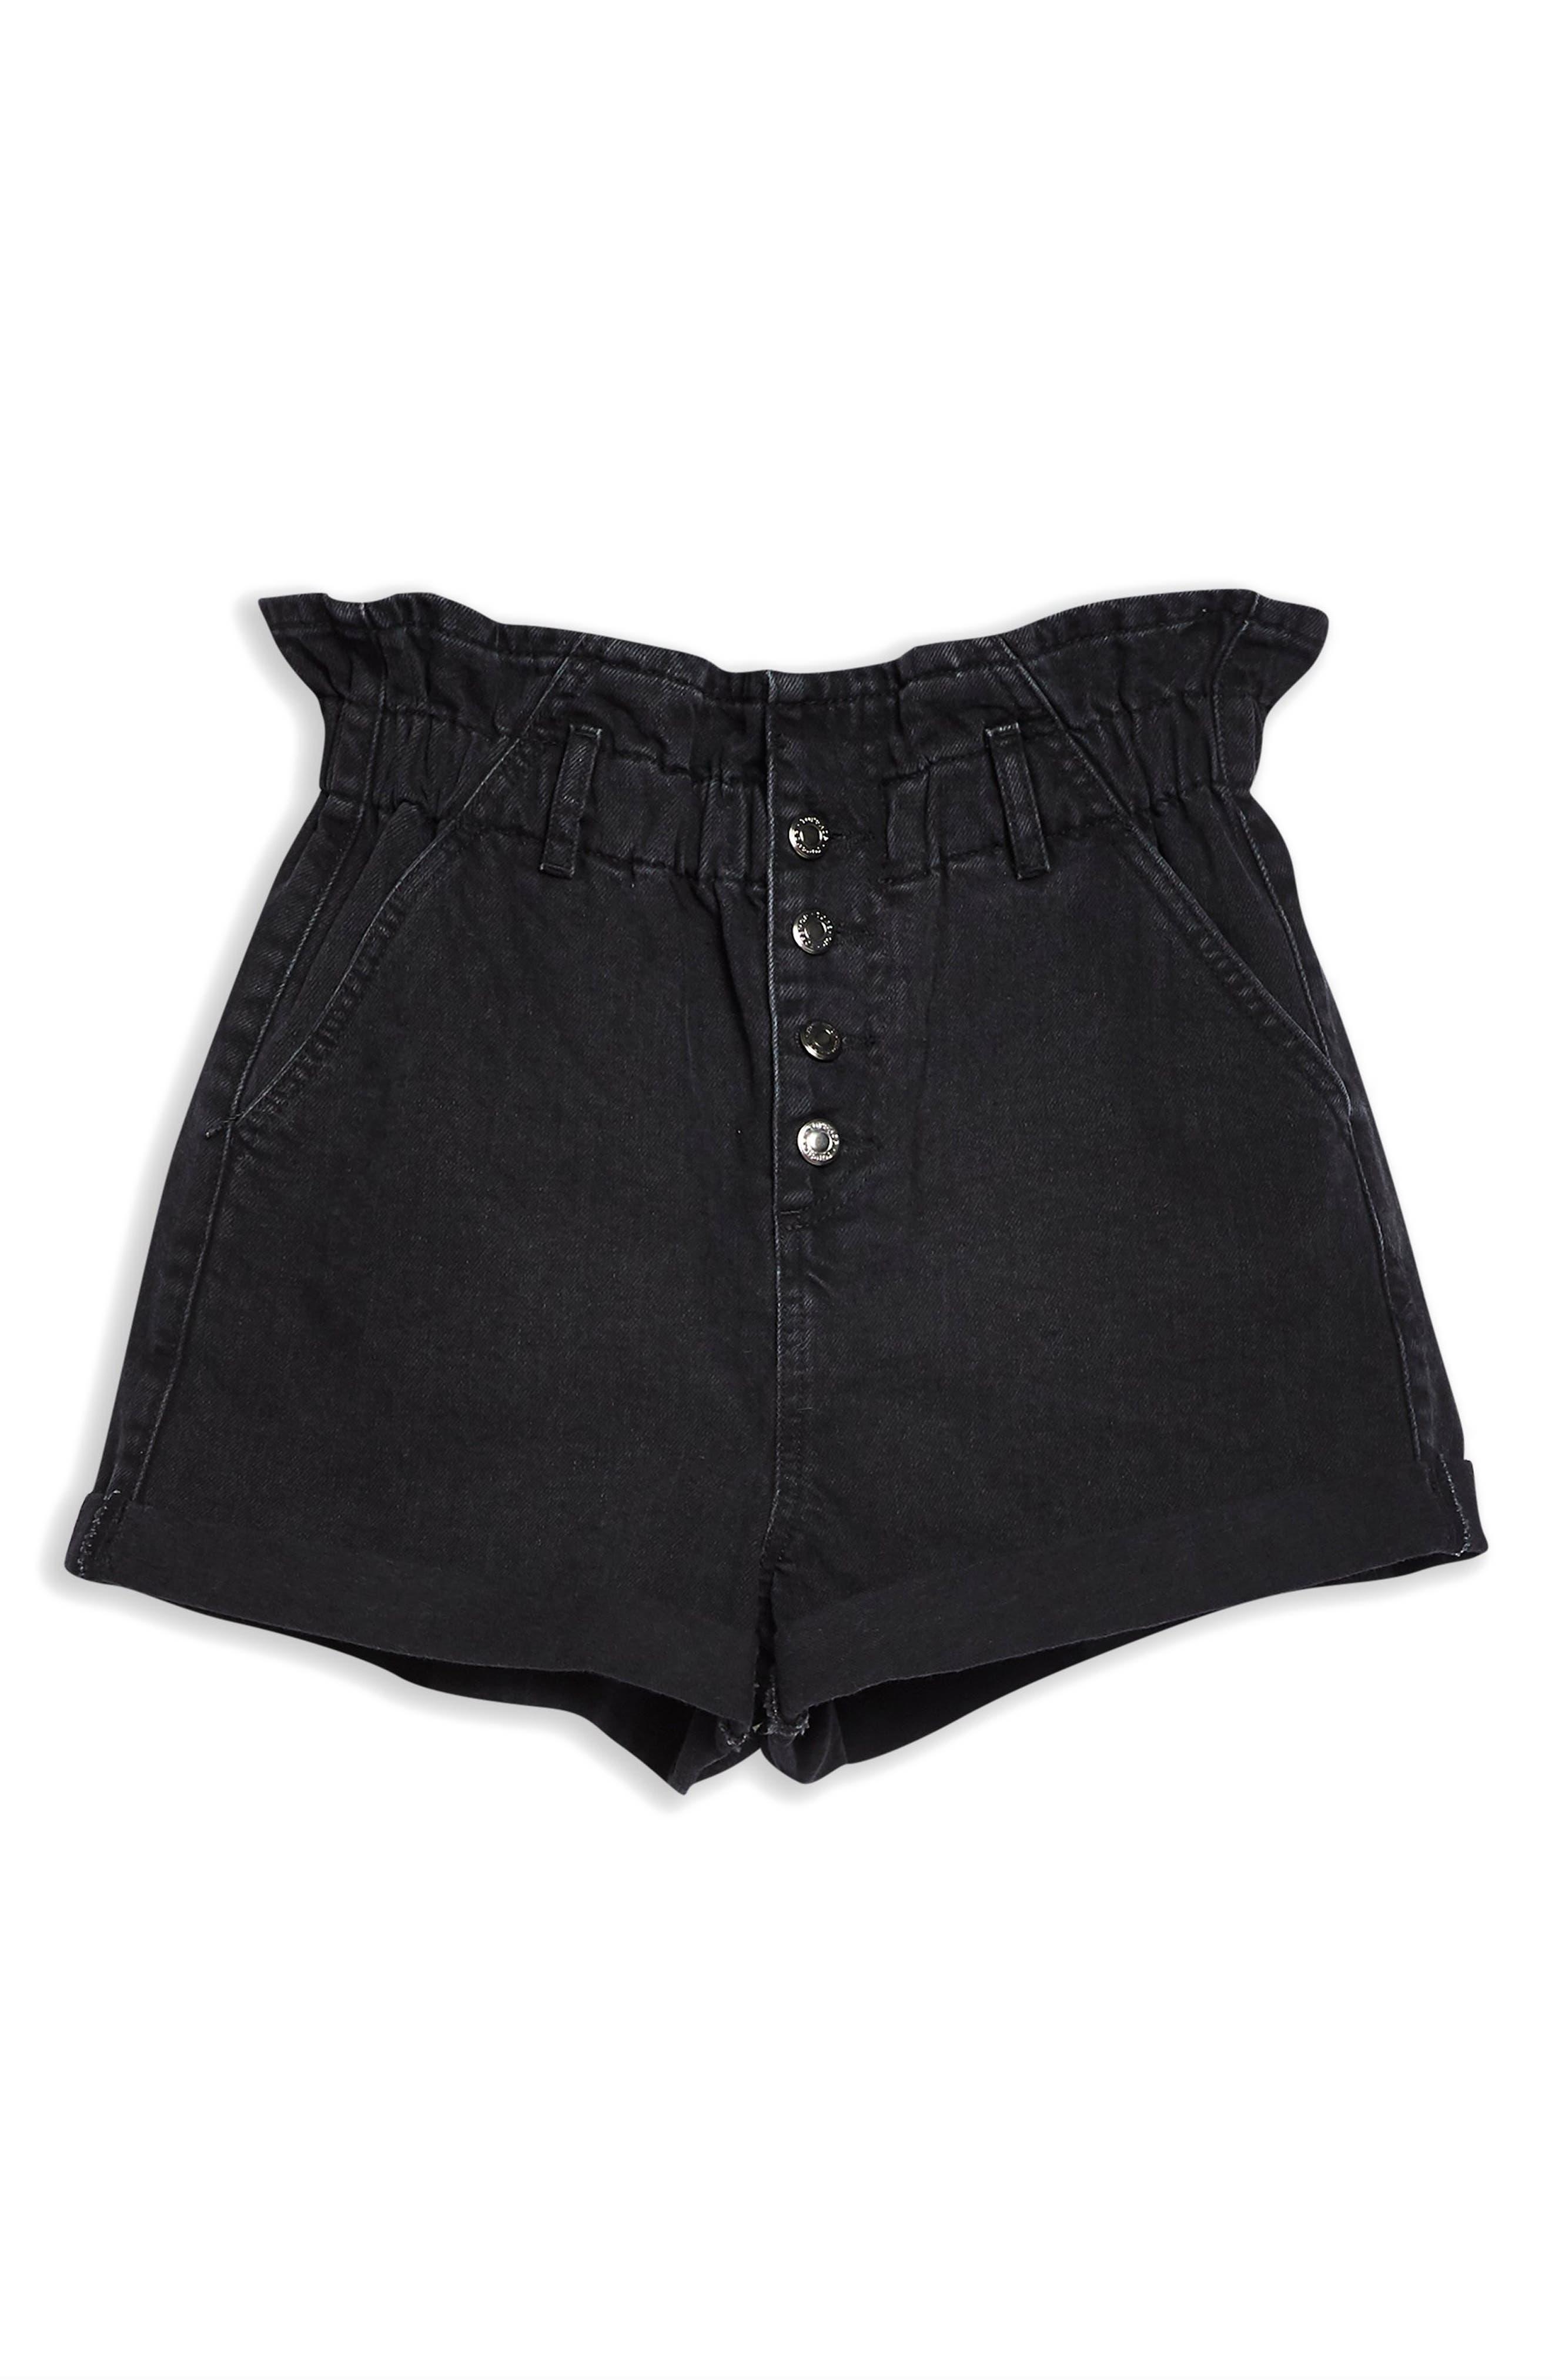 TOPSHOP, Paperbag Waist Denim Shorts, Alternate thumbnail 4, color, WASHED BLACK